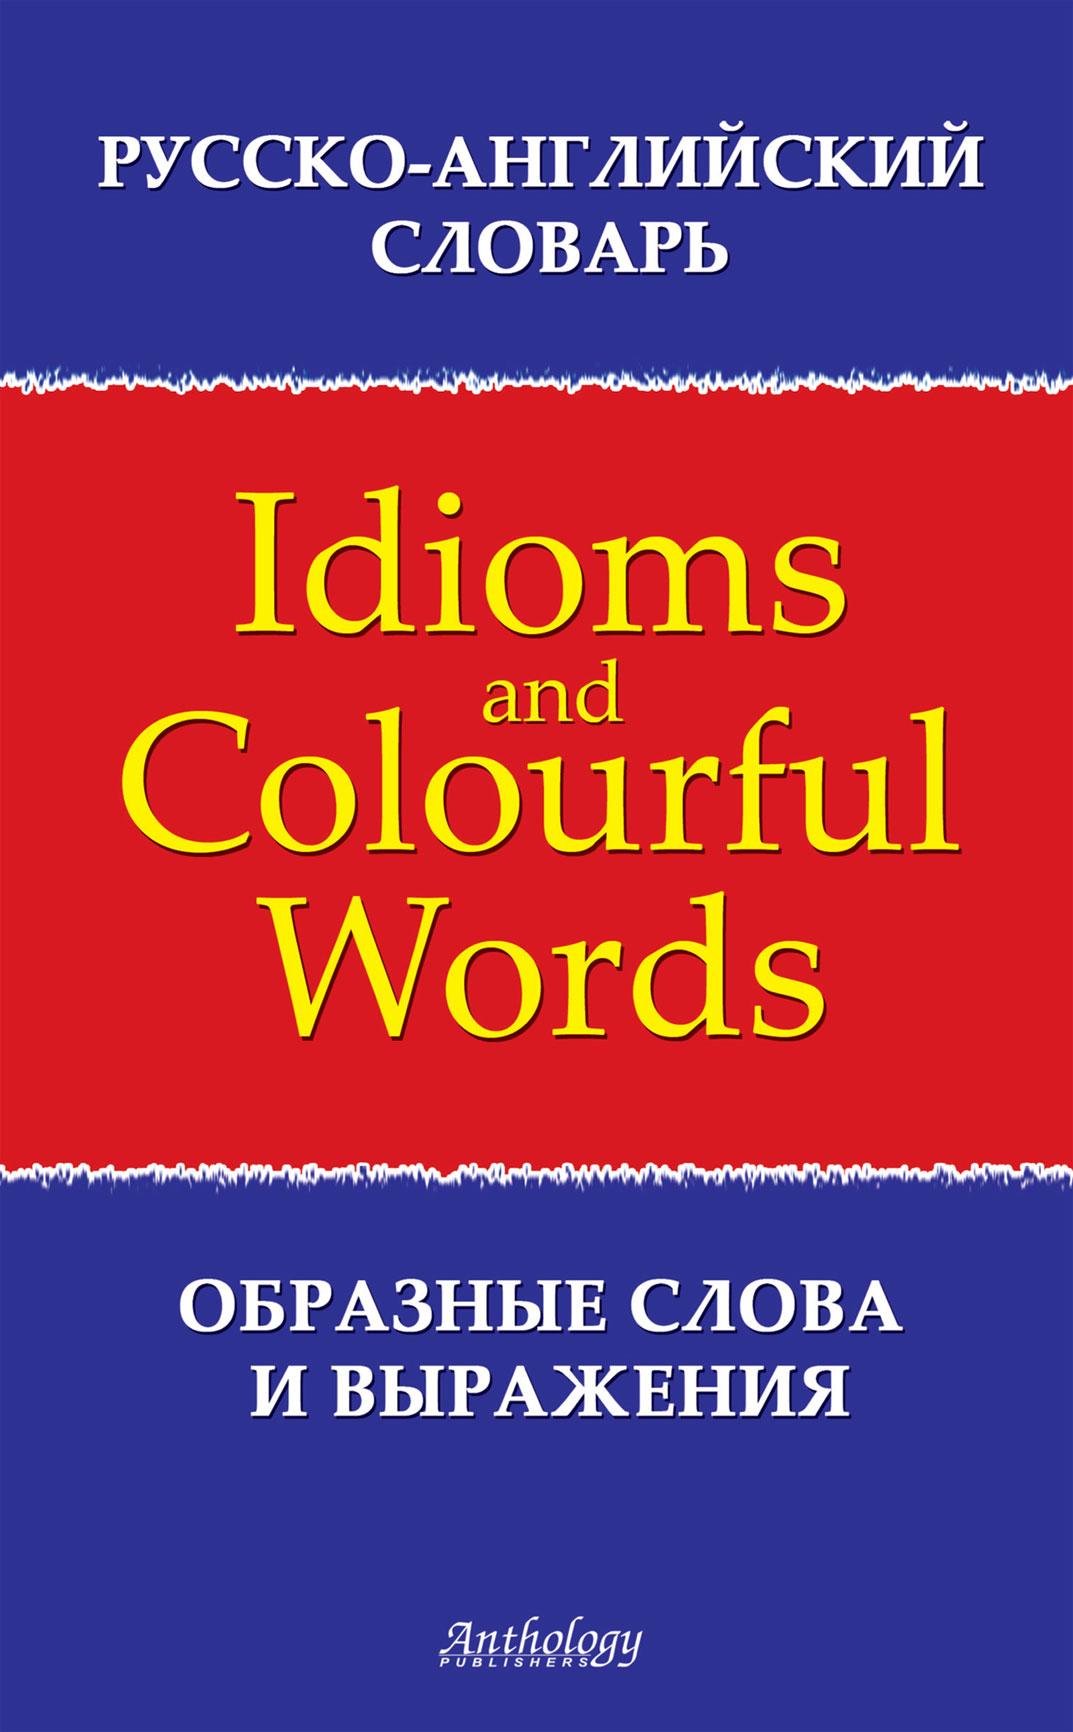 Русско-английский словарь образных слов и выражений (Idioms&Colourful Words)